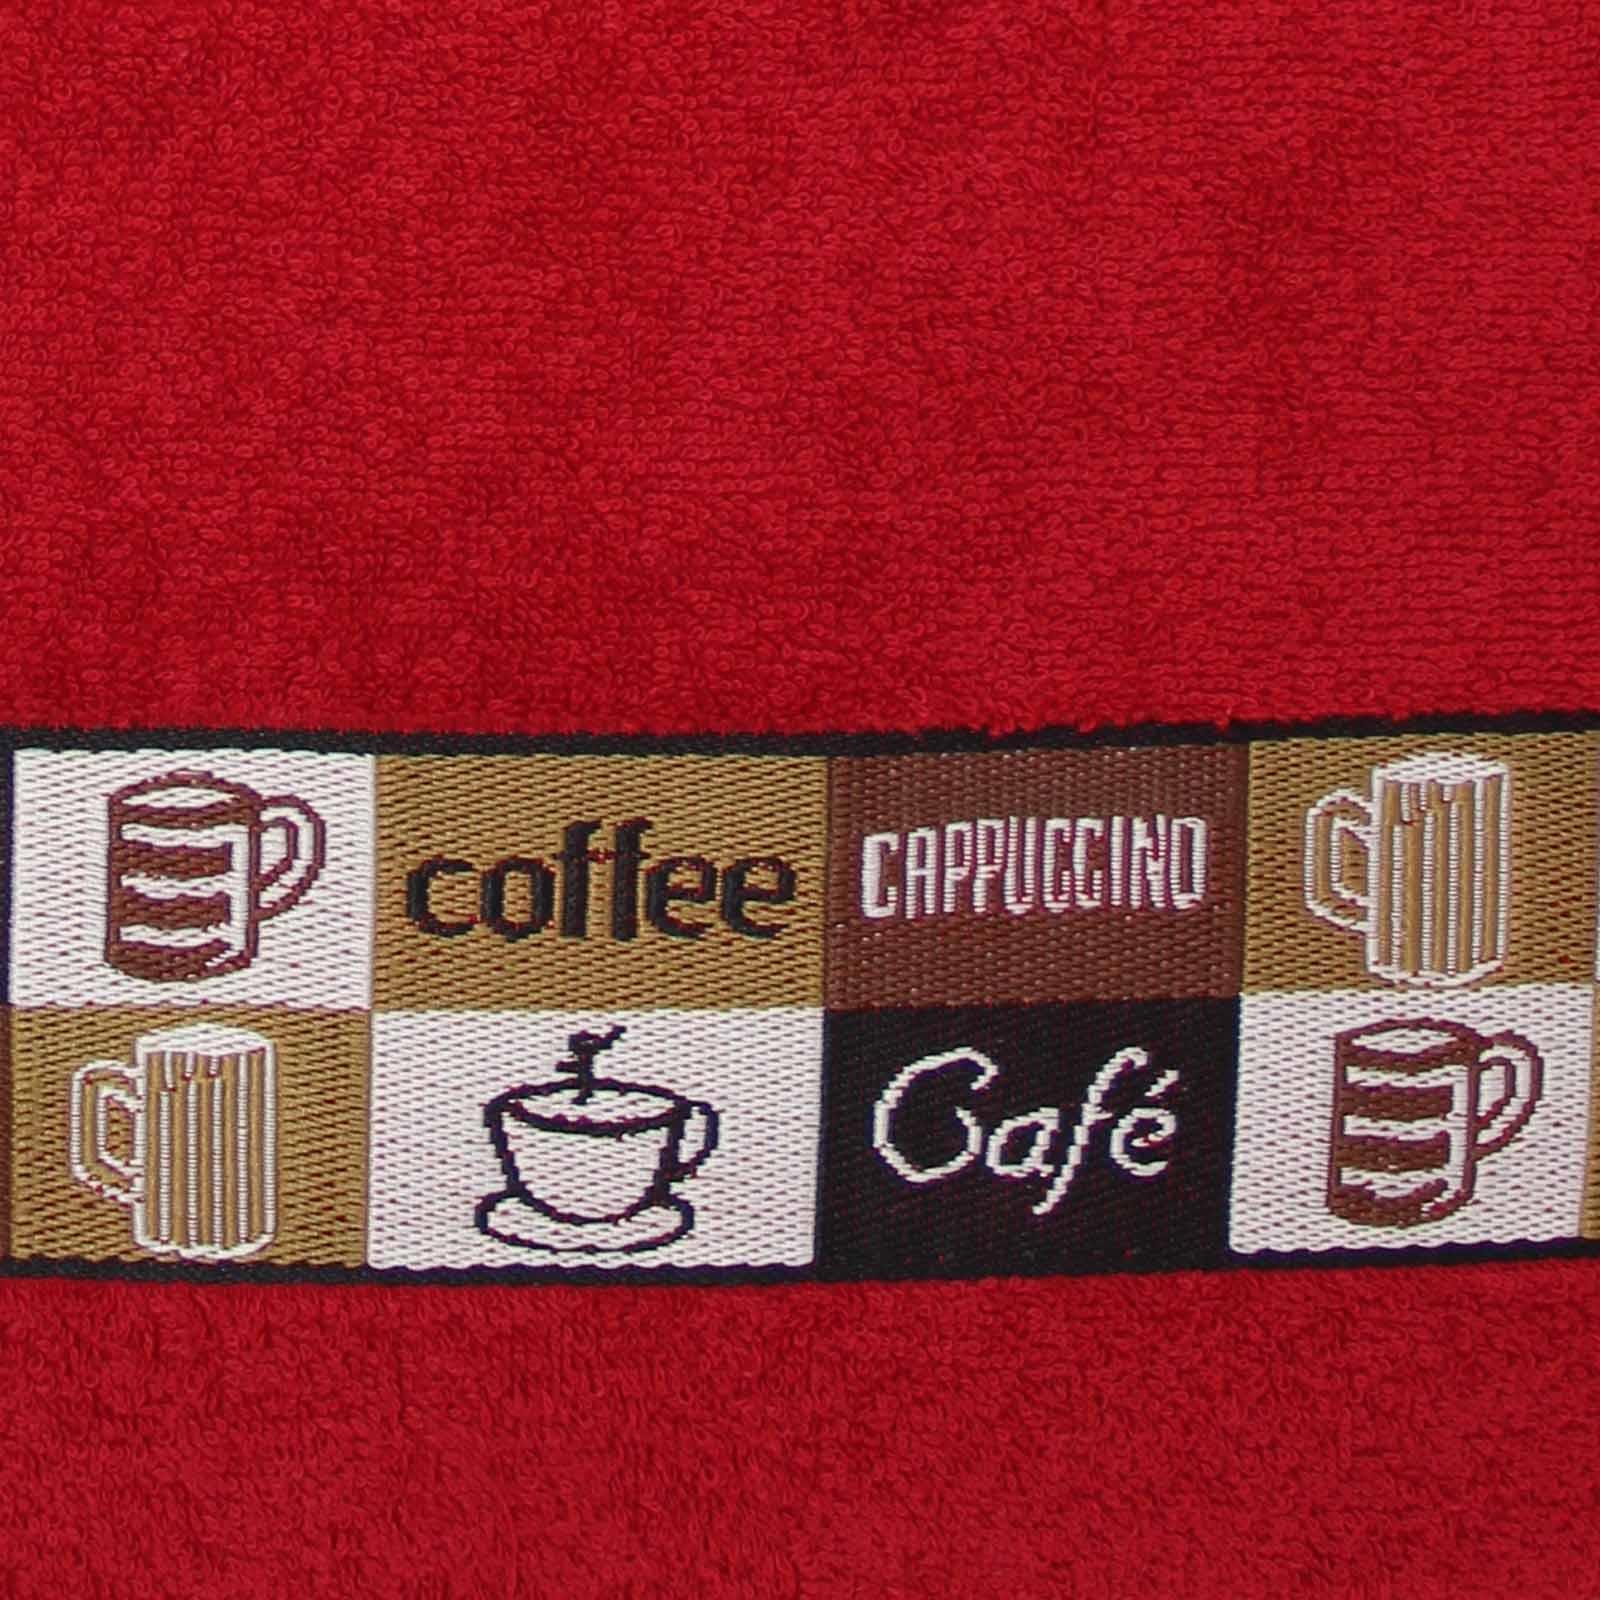 Envases-de-1-2-4-panos-de-cocina-100-Algodon-Terry-Toalla-de-secado-de-Cocina-Plato-Cafe-conjuntos miniatura 42